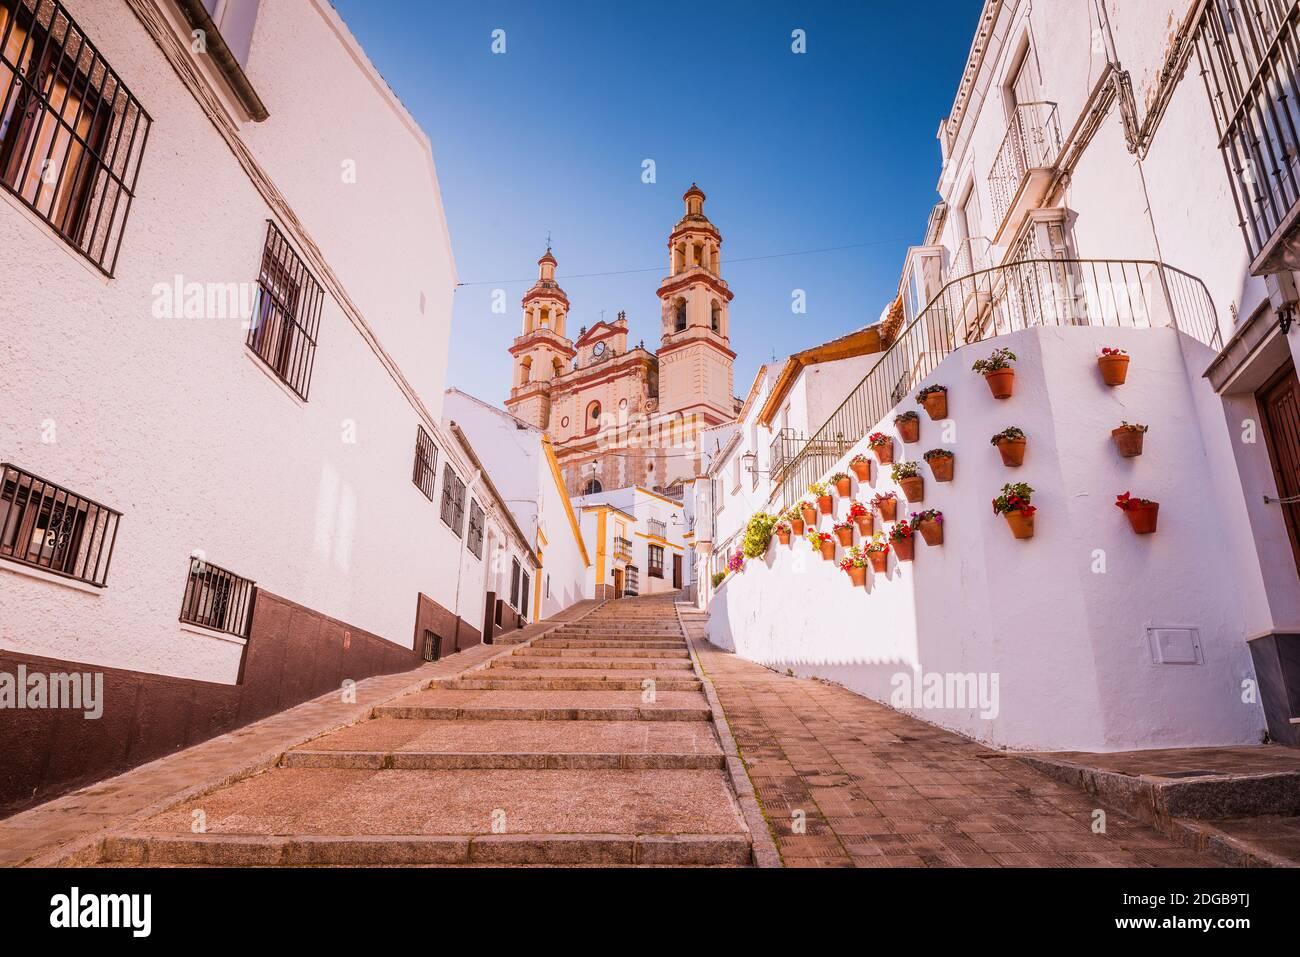 Calle calzada - rue Calzada, rue andalouse typique avec pots, en arrière-plan l'église notre-Dame de l'Incarnation. Olvera, Cádiz, Andal Banque D'Images